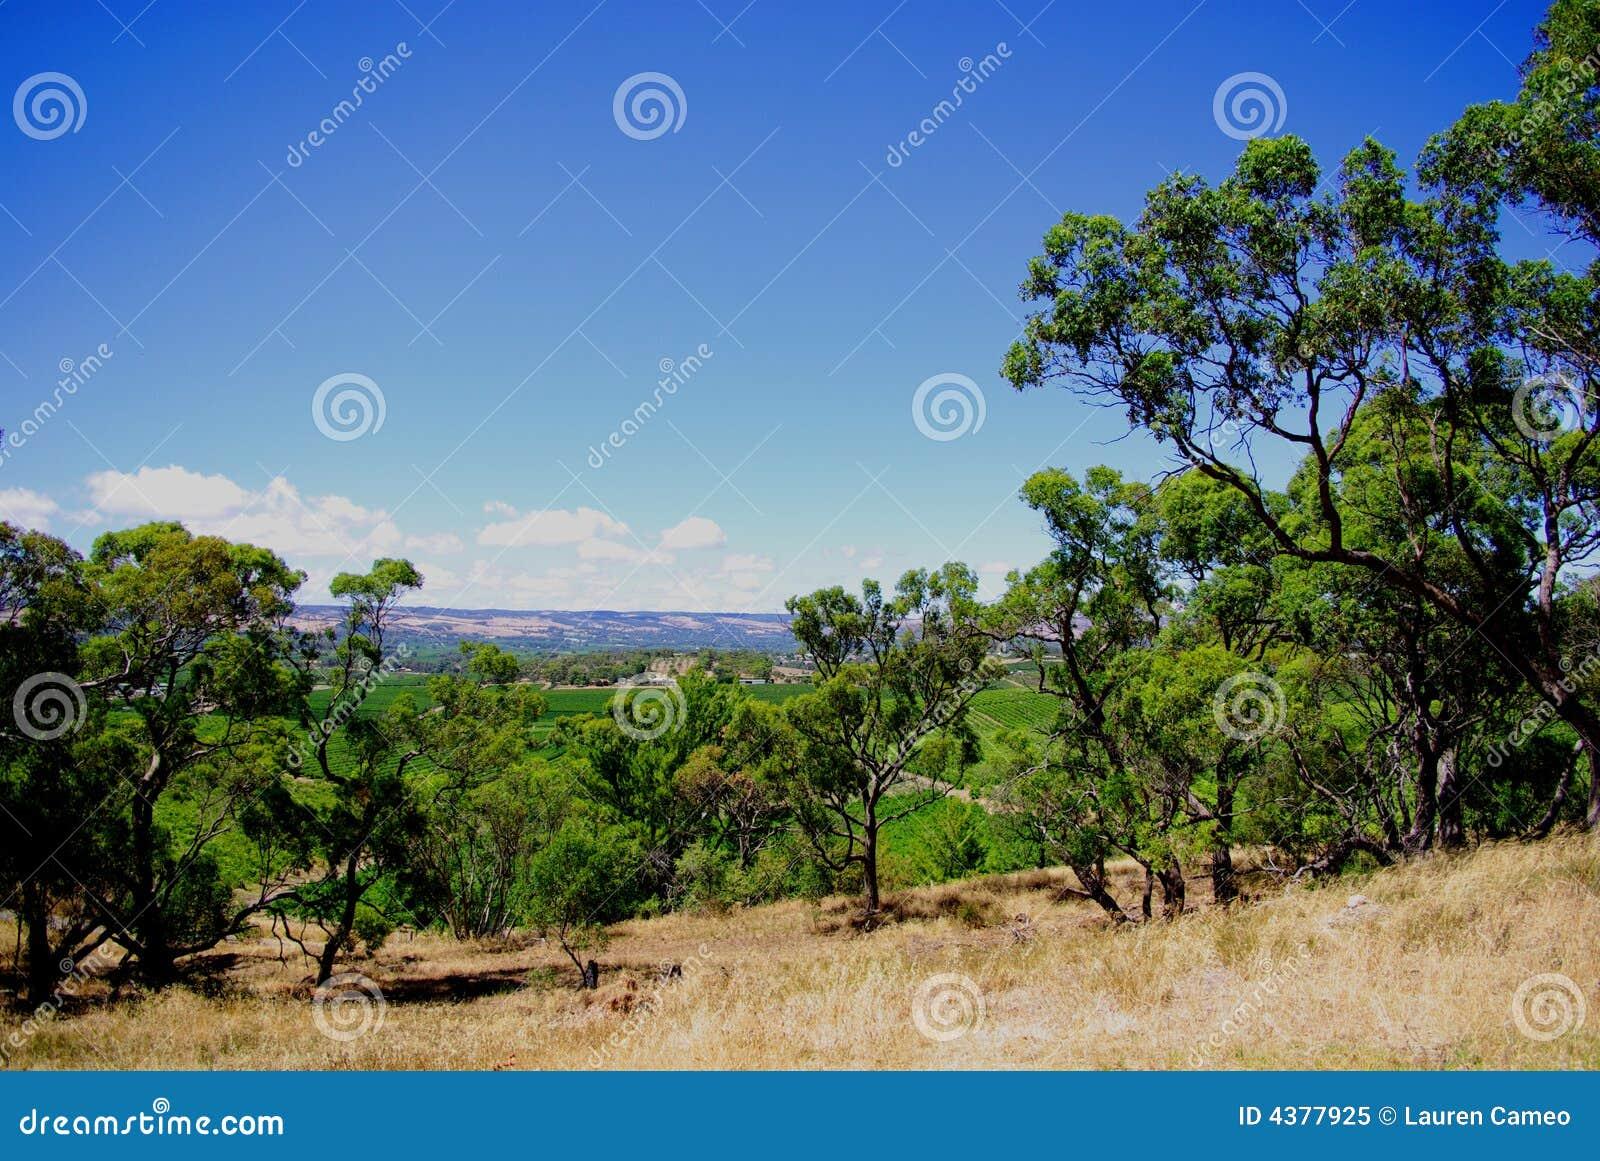 Mclaren Vale Winery Map Mclaren Vale Australia Map Related